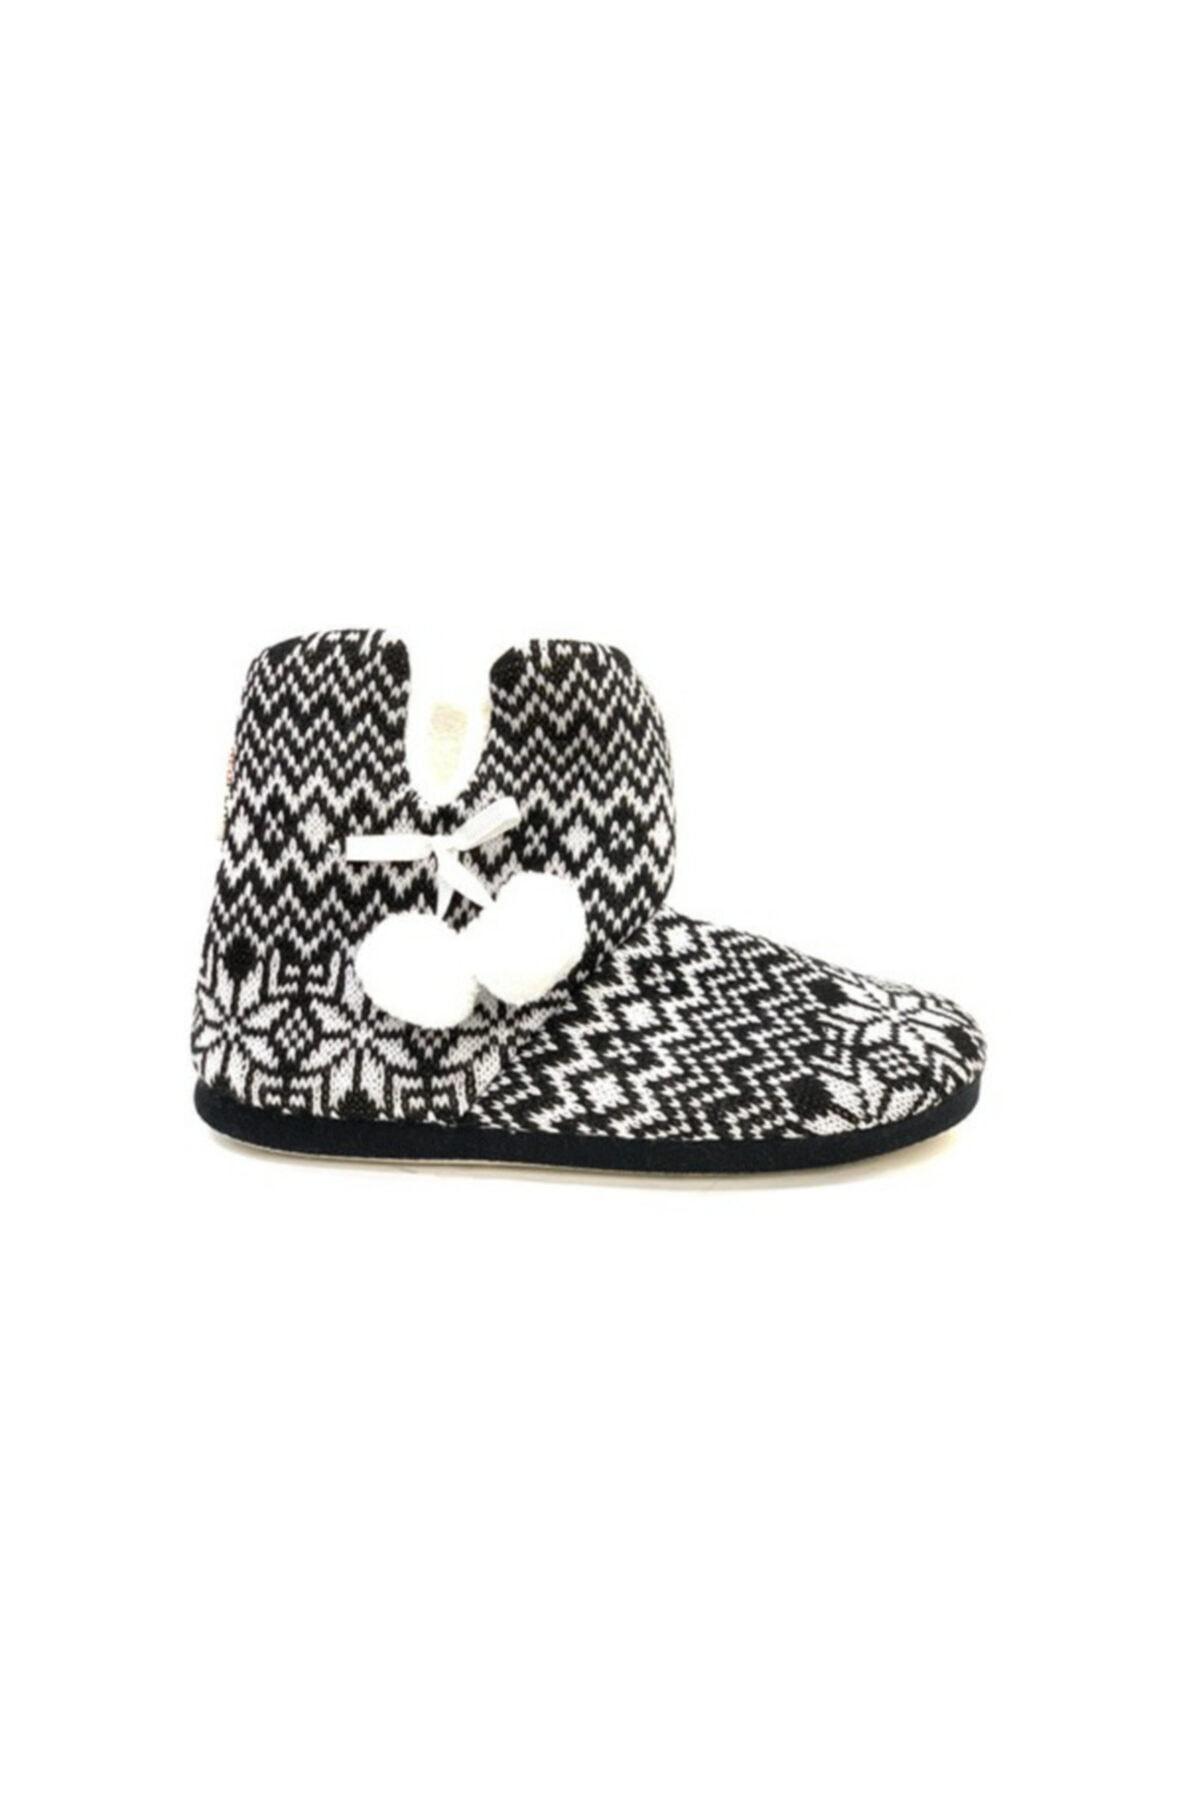 RedPlay Kadın Siyah Ev Botu Ayakkabısı 1